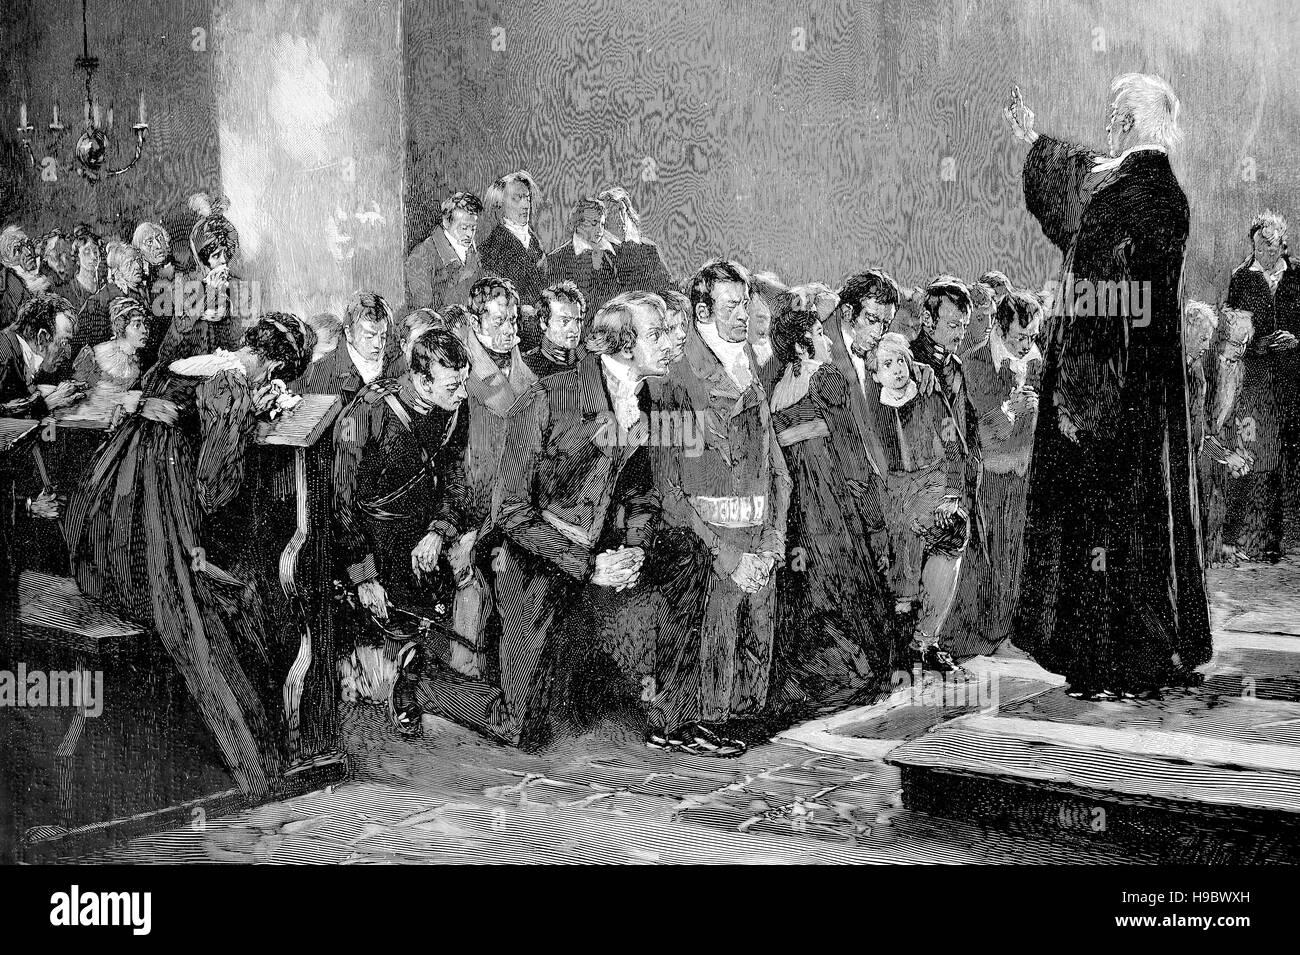 Bendición de voluntarios de la guerra de 1813, Guerras Napoleónicas, ilustración histórica Foto de stock